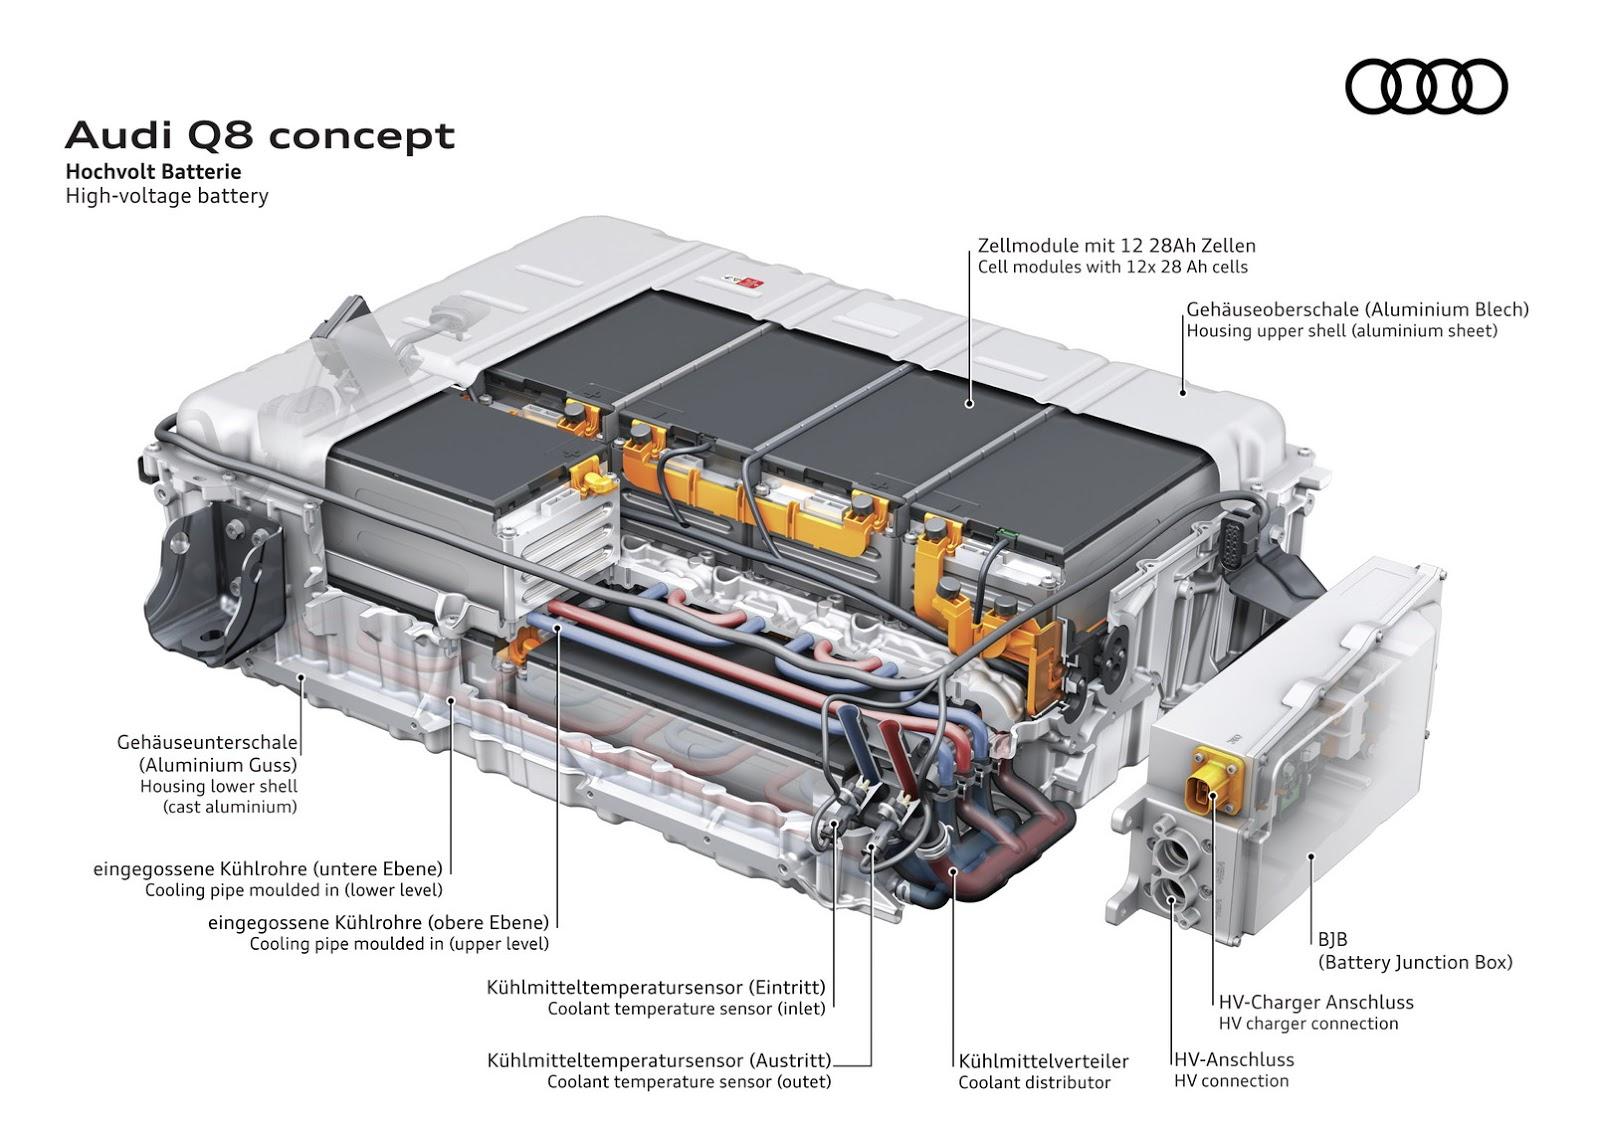 Audi_Q8_concept_30